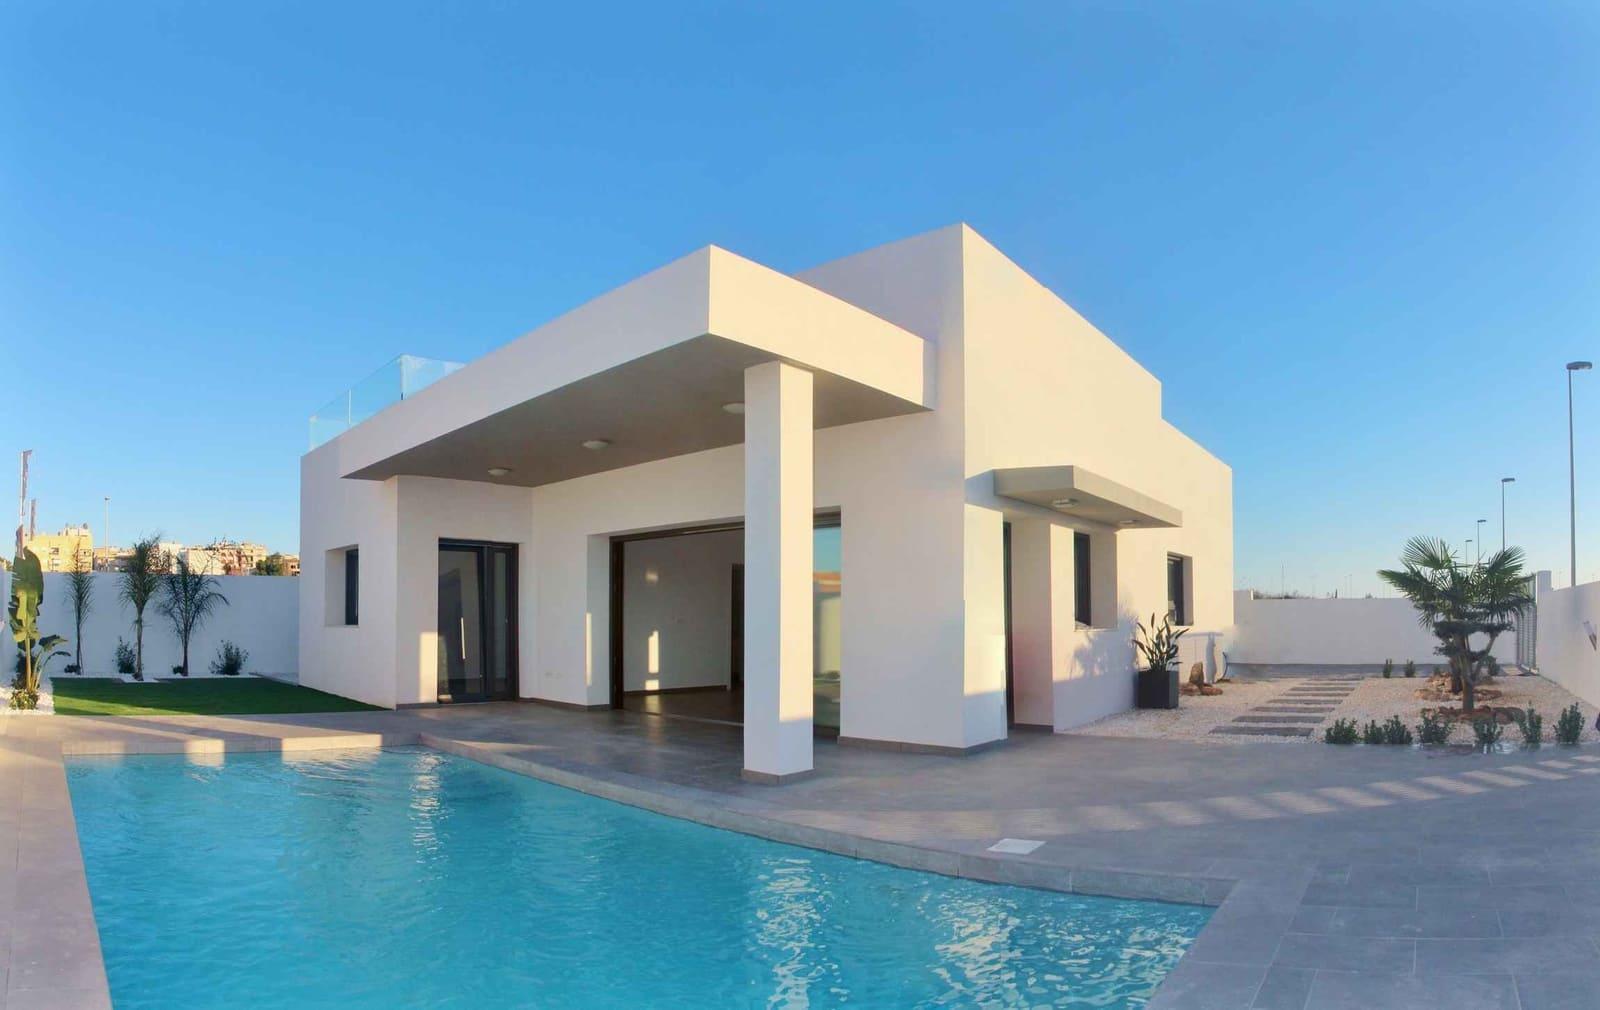 Chalet de 3 habitaciones en Benijófar en venta con piscina - 319.000 € (Ref: 4519689)